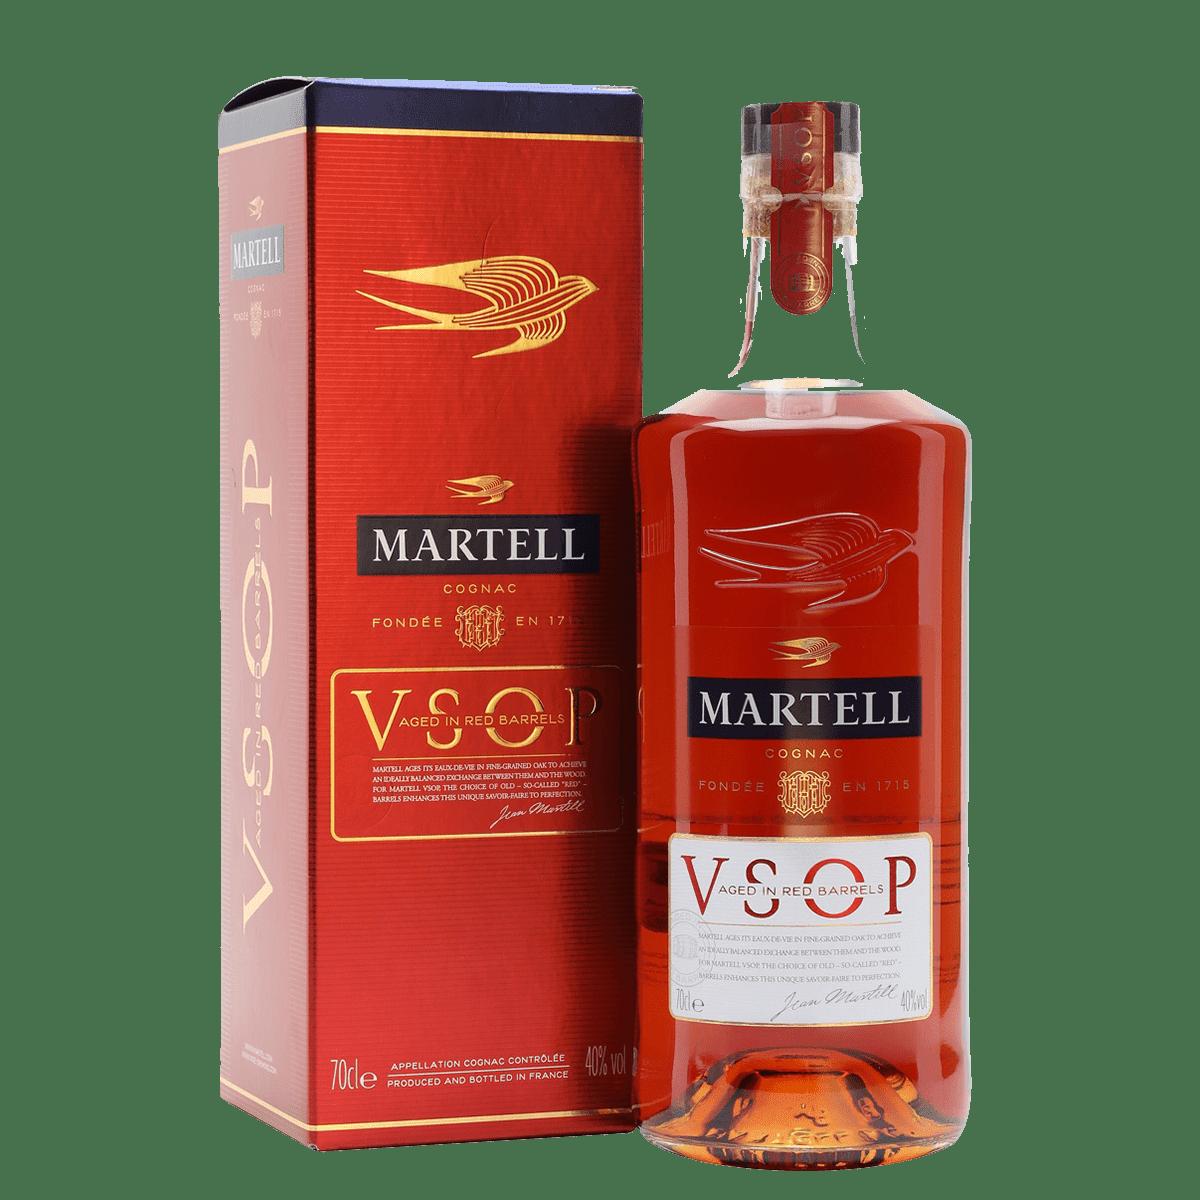 Martel VSOP Cognac 700ml